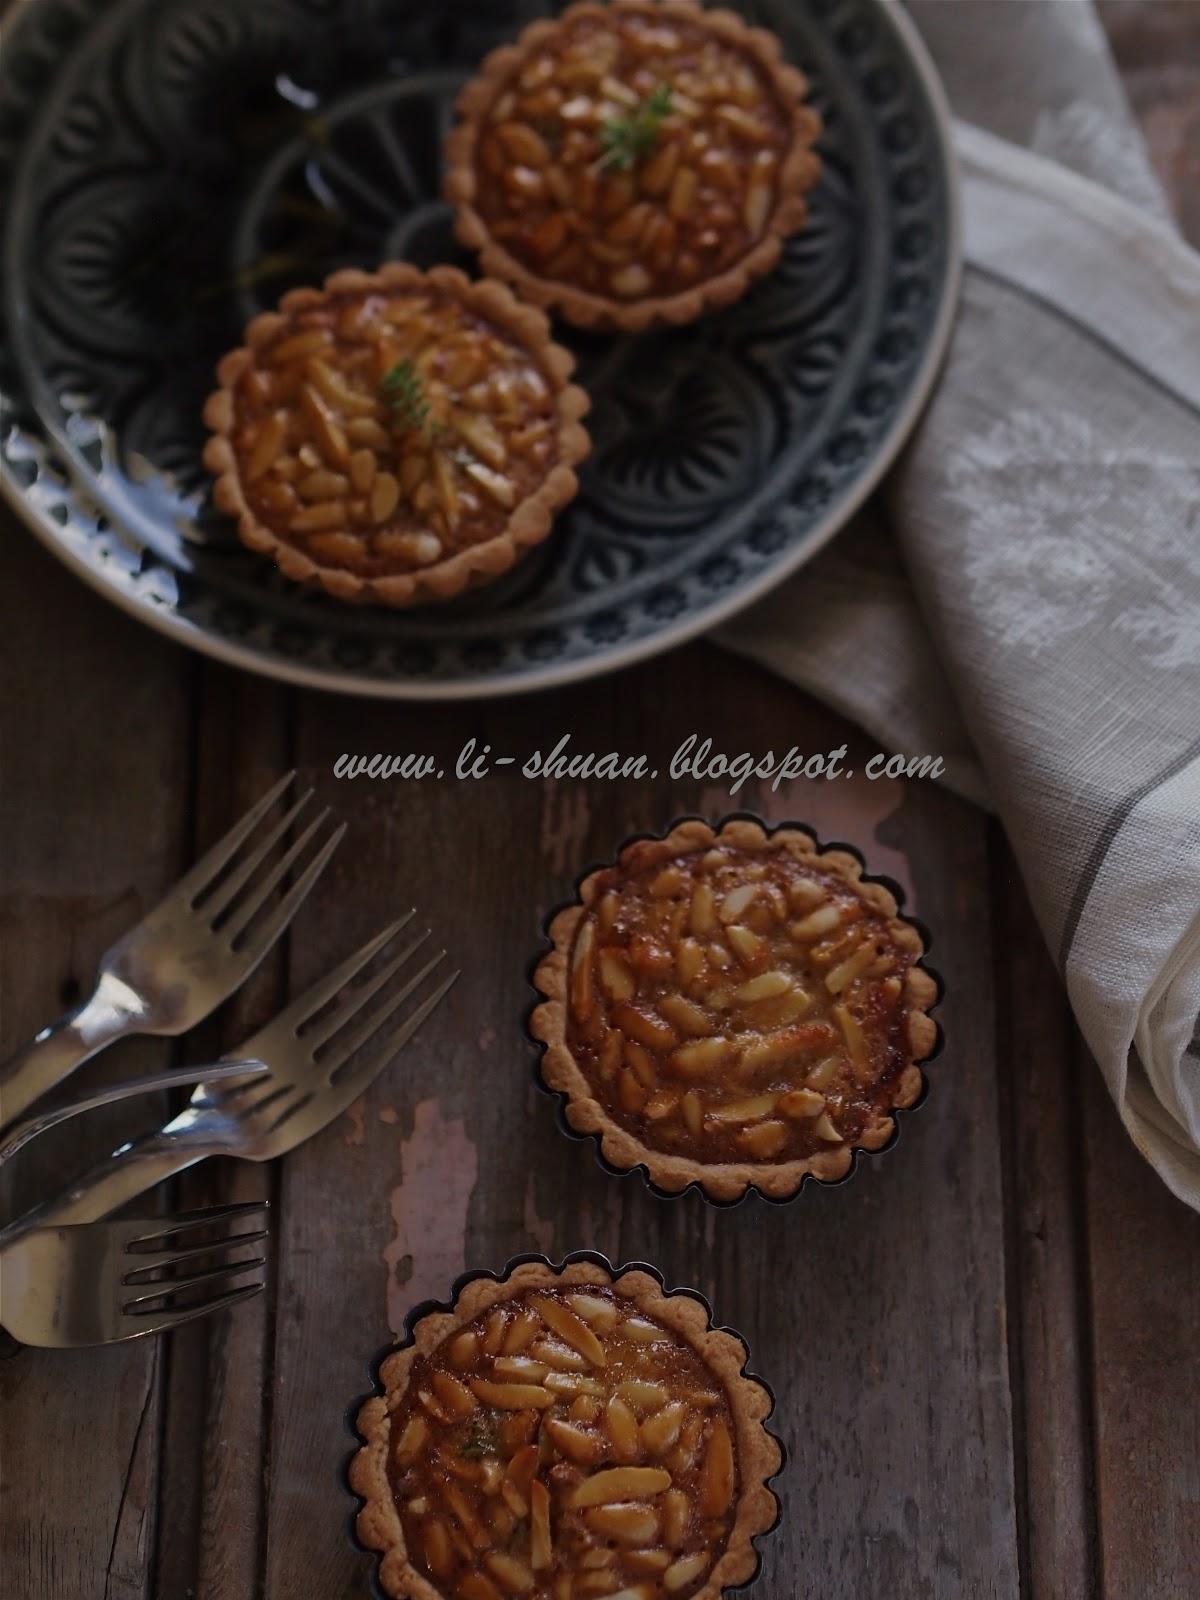 Honey+pinenut+tart+1.jpg